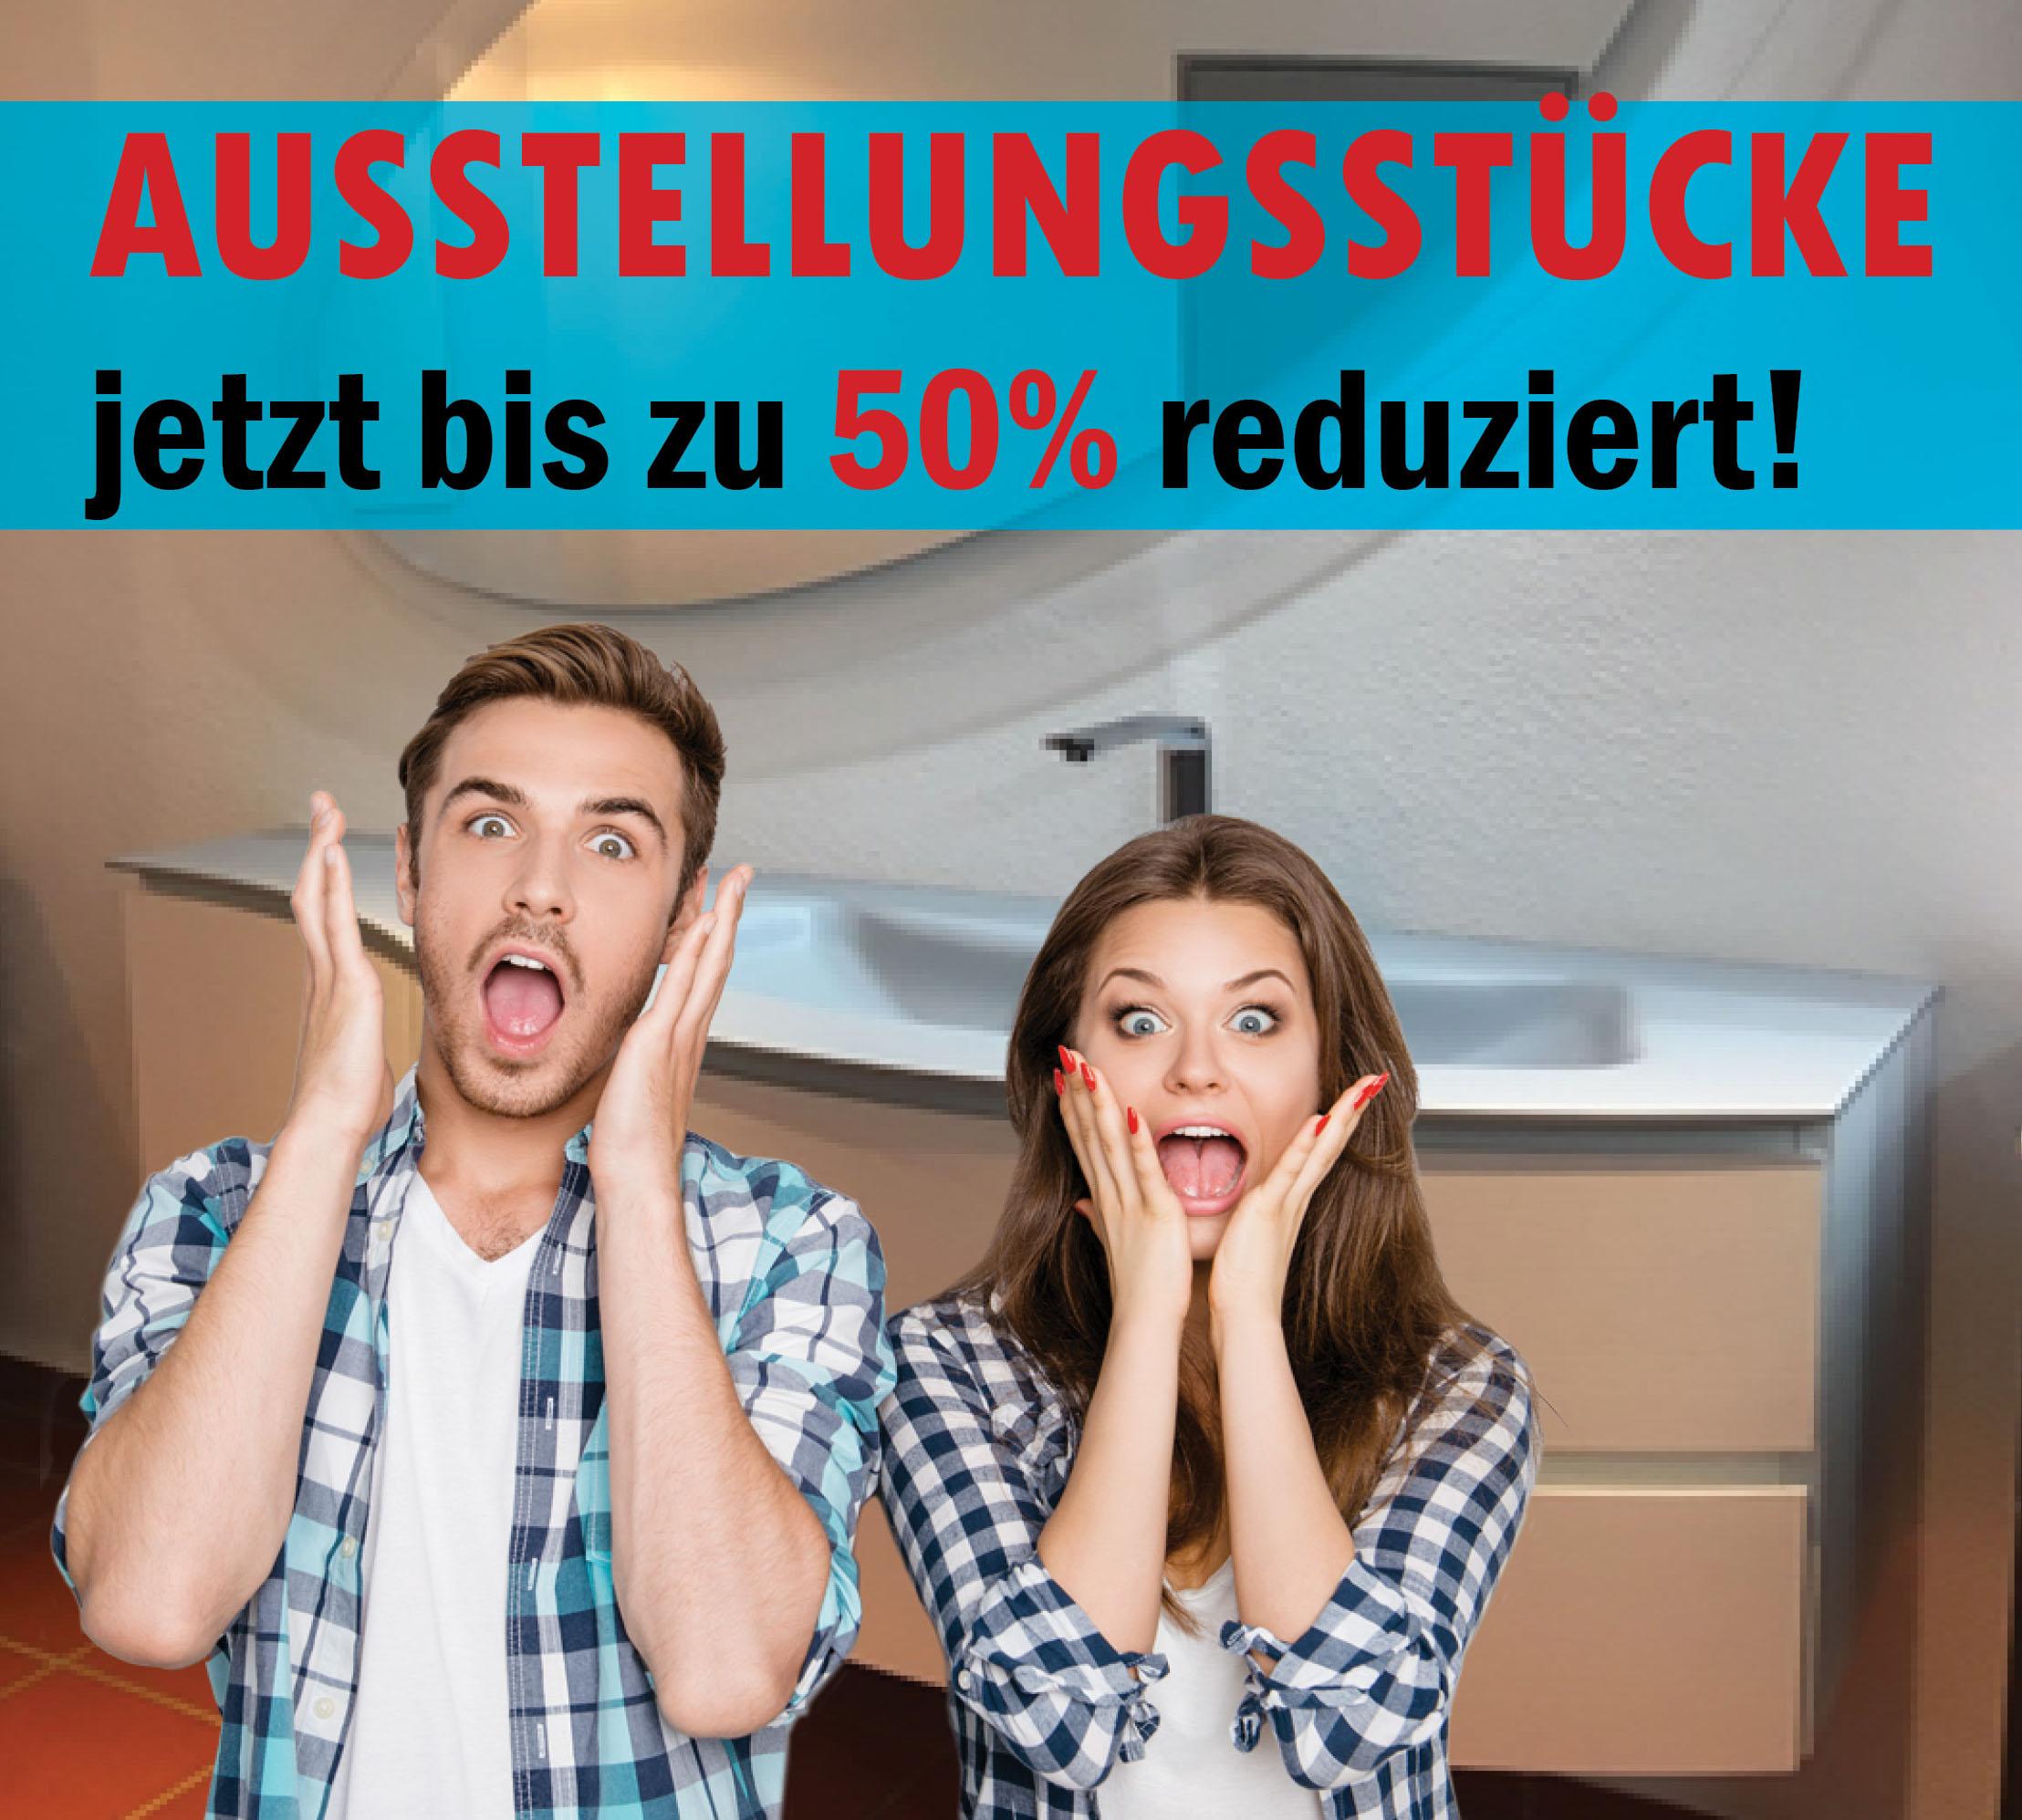 Abverkauf von Ausstellungsware - Waschtische | Bad-Direkt